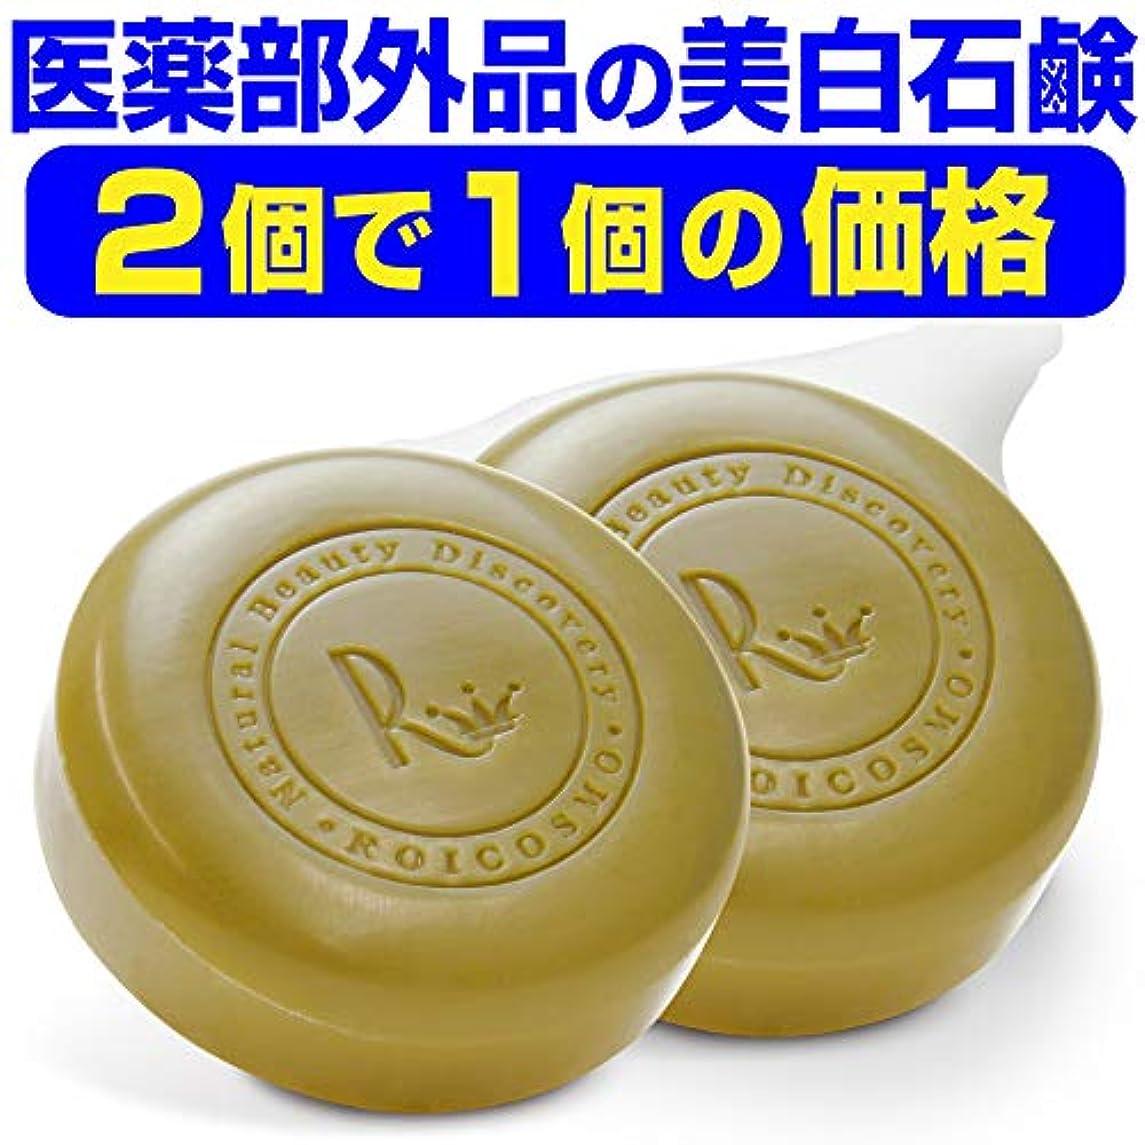 拡張なぜ惨めな2個で1個の価格(実質50%OFF) ビタミンC270倍の美白成分配合『ホワイトソープ100g×2個で1個の価格』